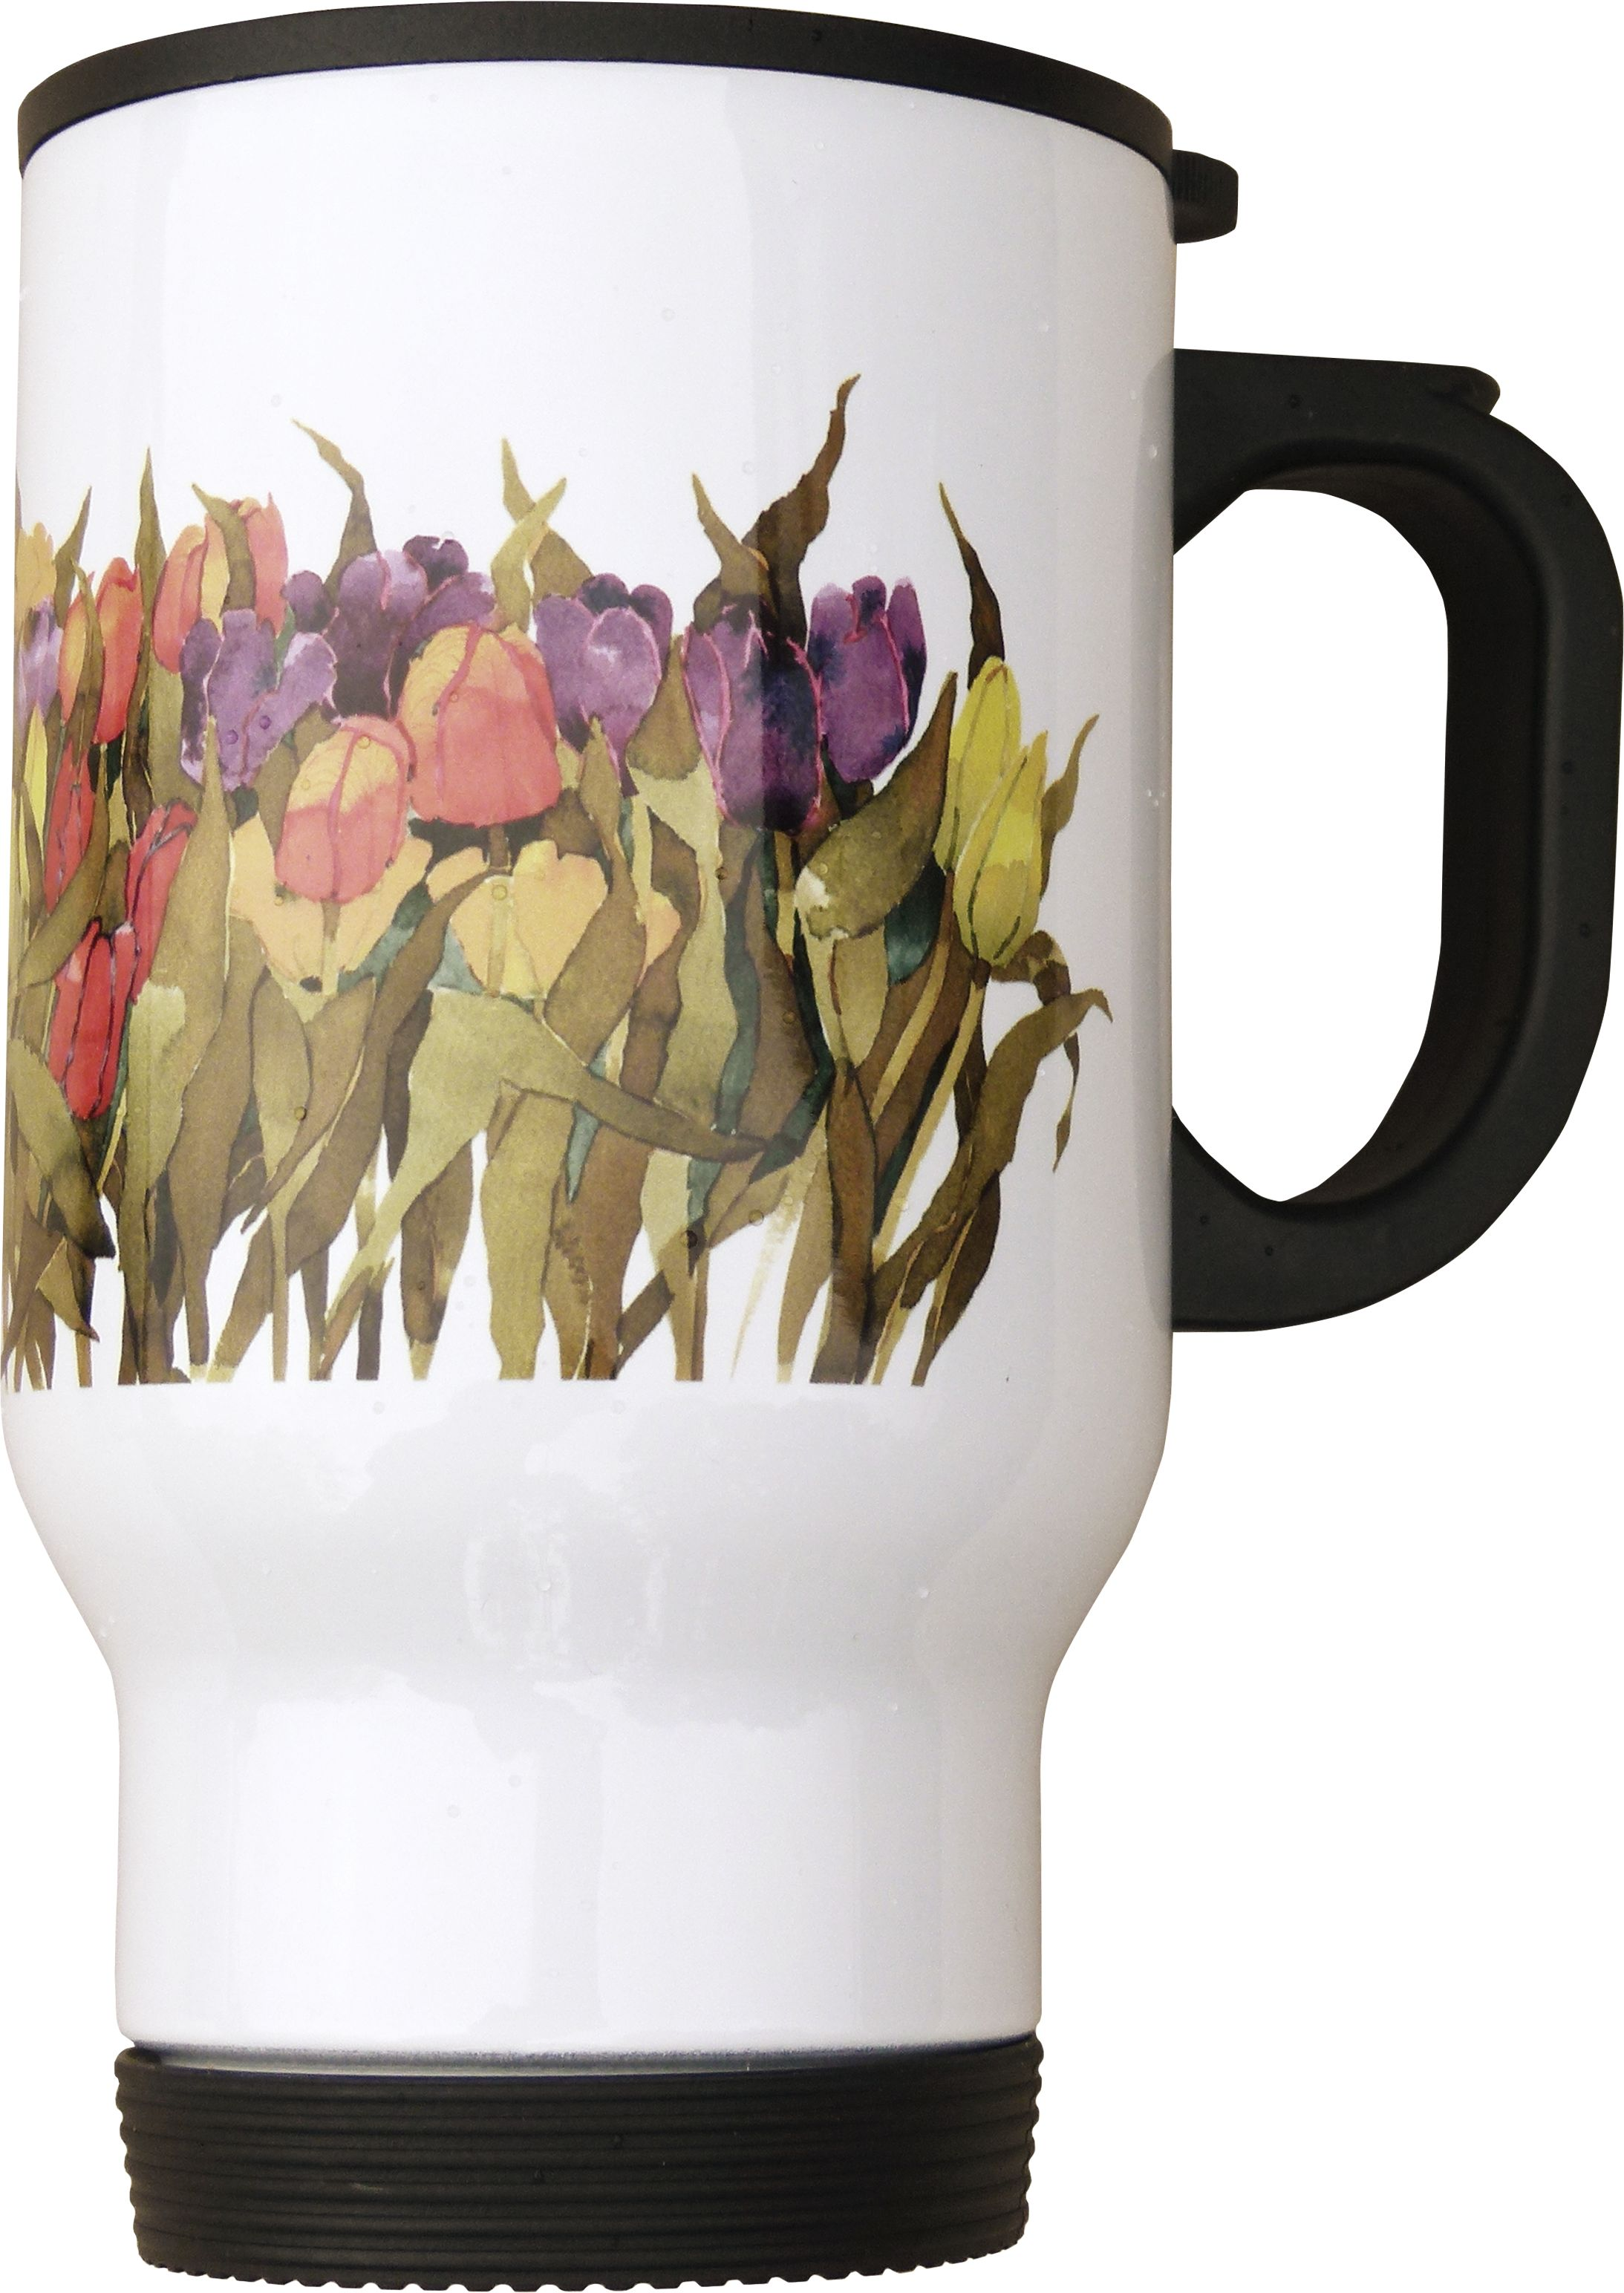 Travel Mug, Tulips image